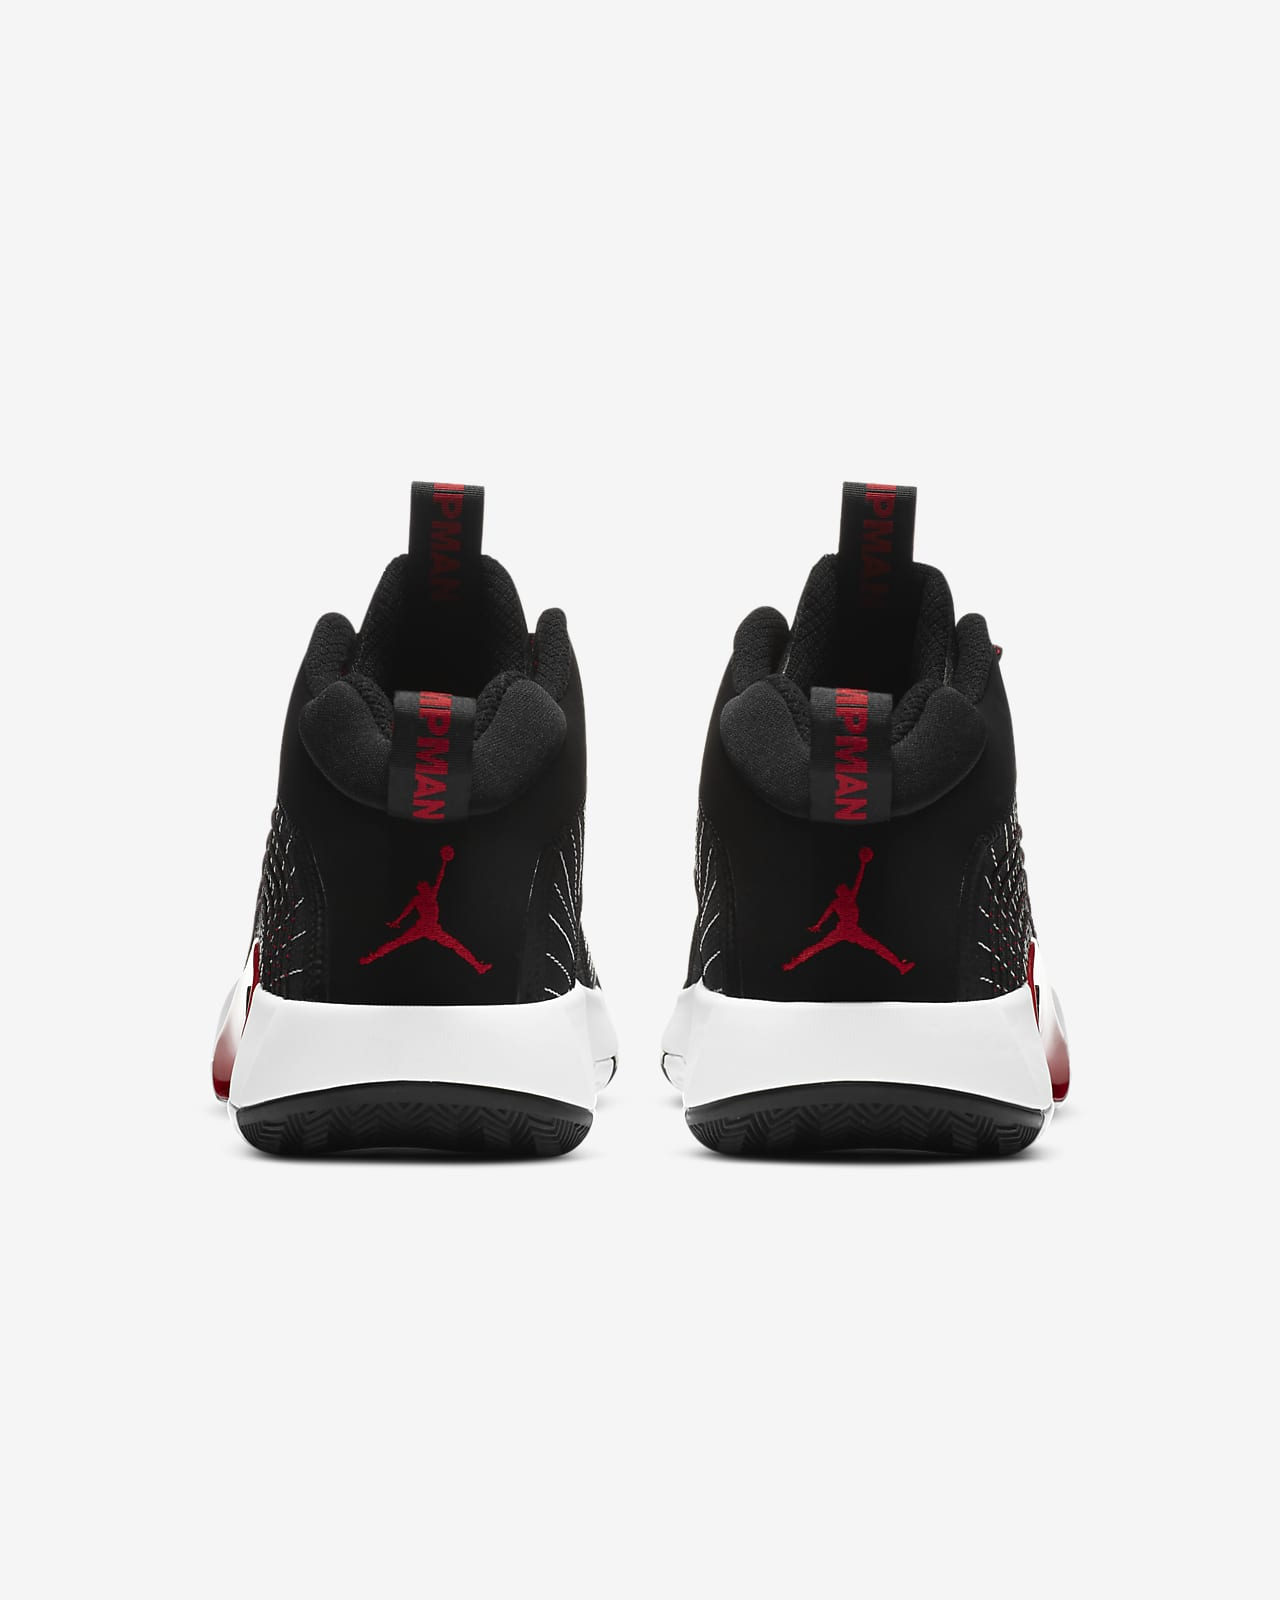 ผลการค้นหารูปภาพสำหรับ NIKE Jordan Jumpman 2021 PF รองเท้าบาสเกตบอลผู้ชาย